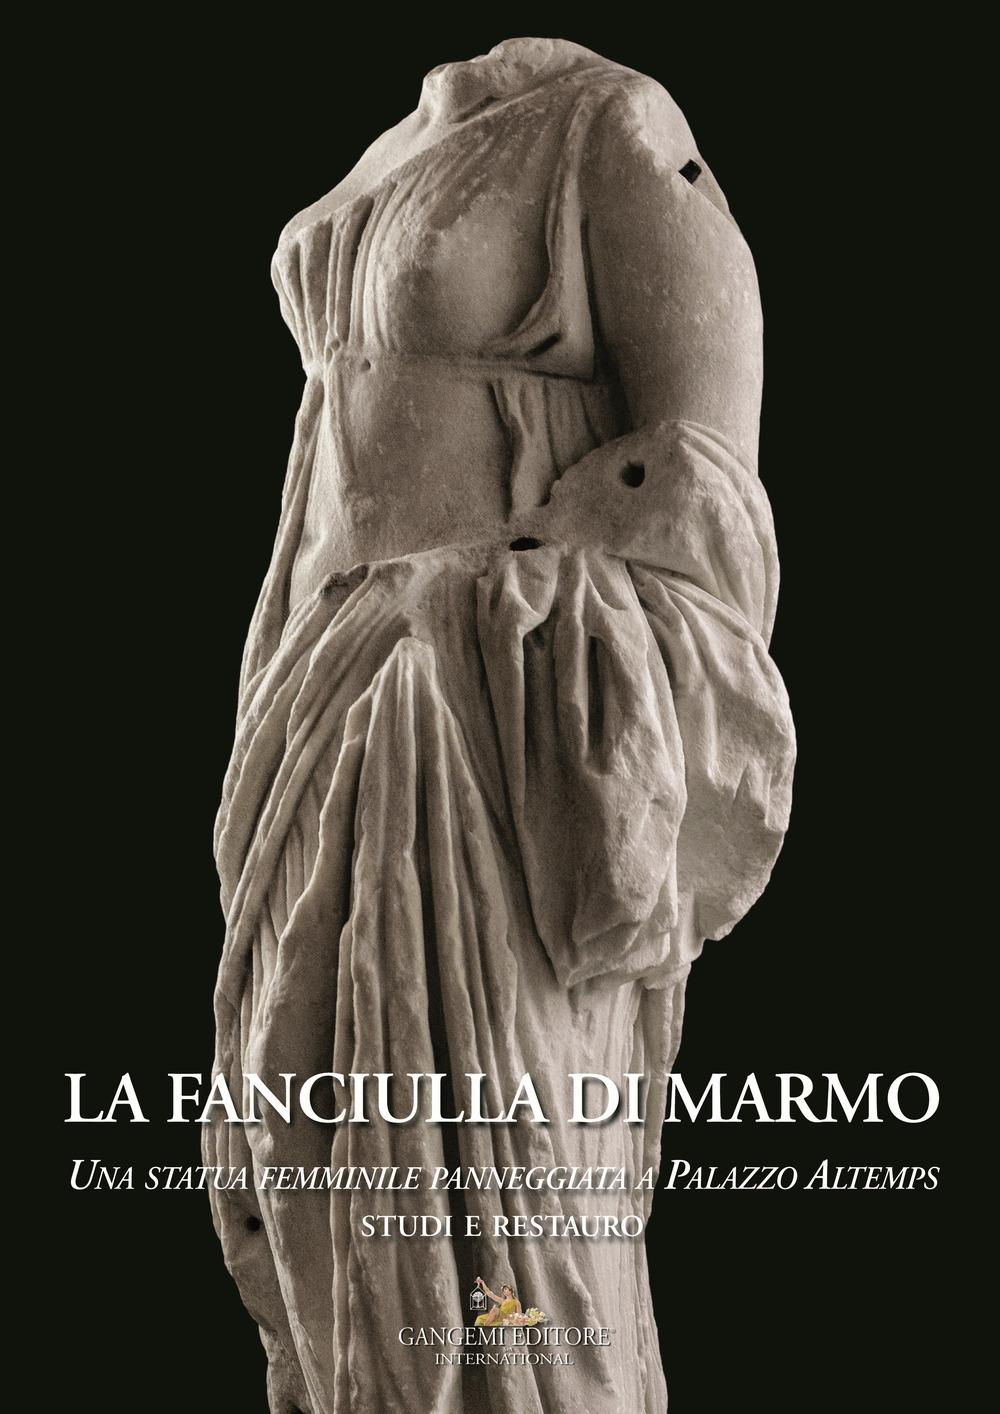 La fanciulla di marmo. Una statua femminile panneggiata a Palazzo Altemps. Studi e restauro